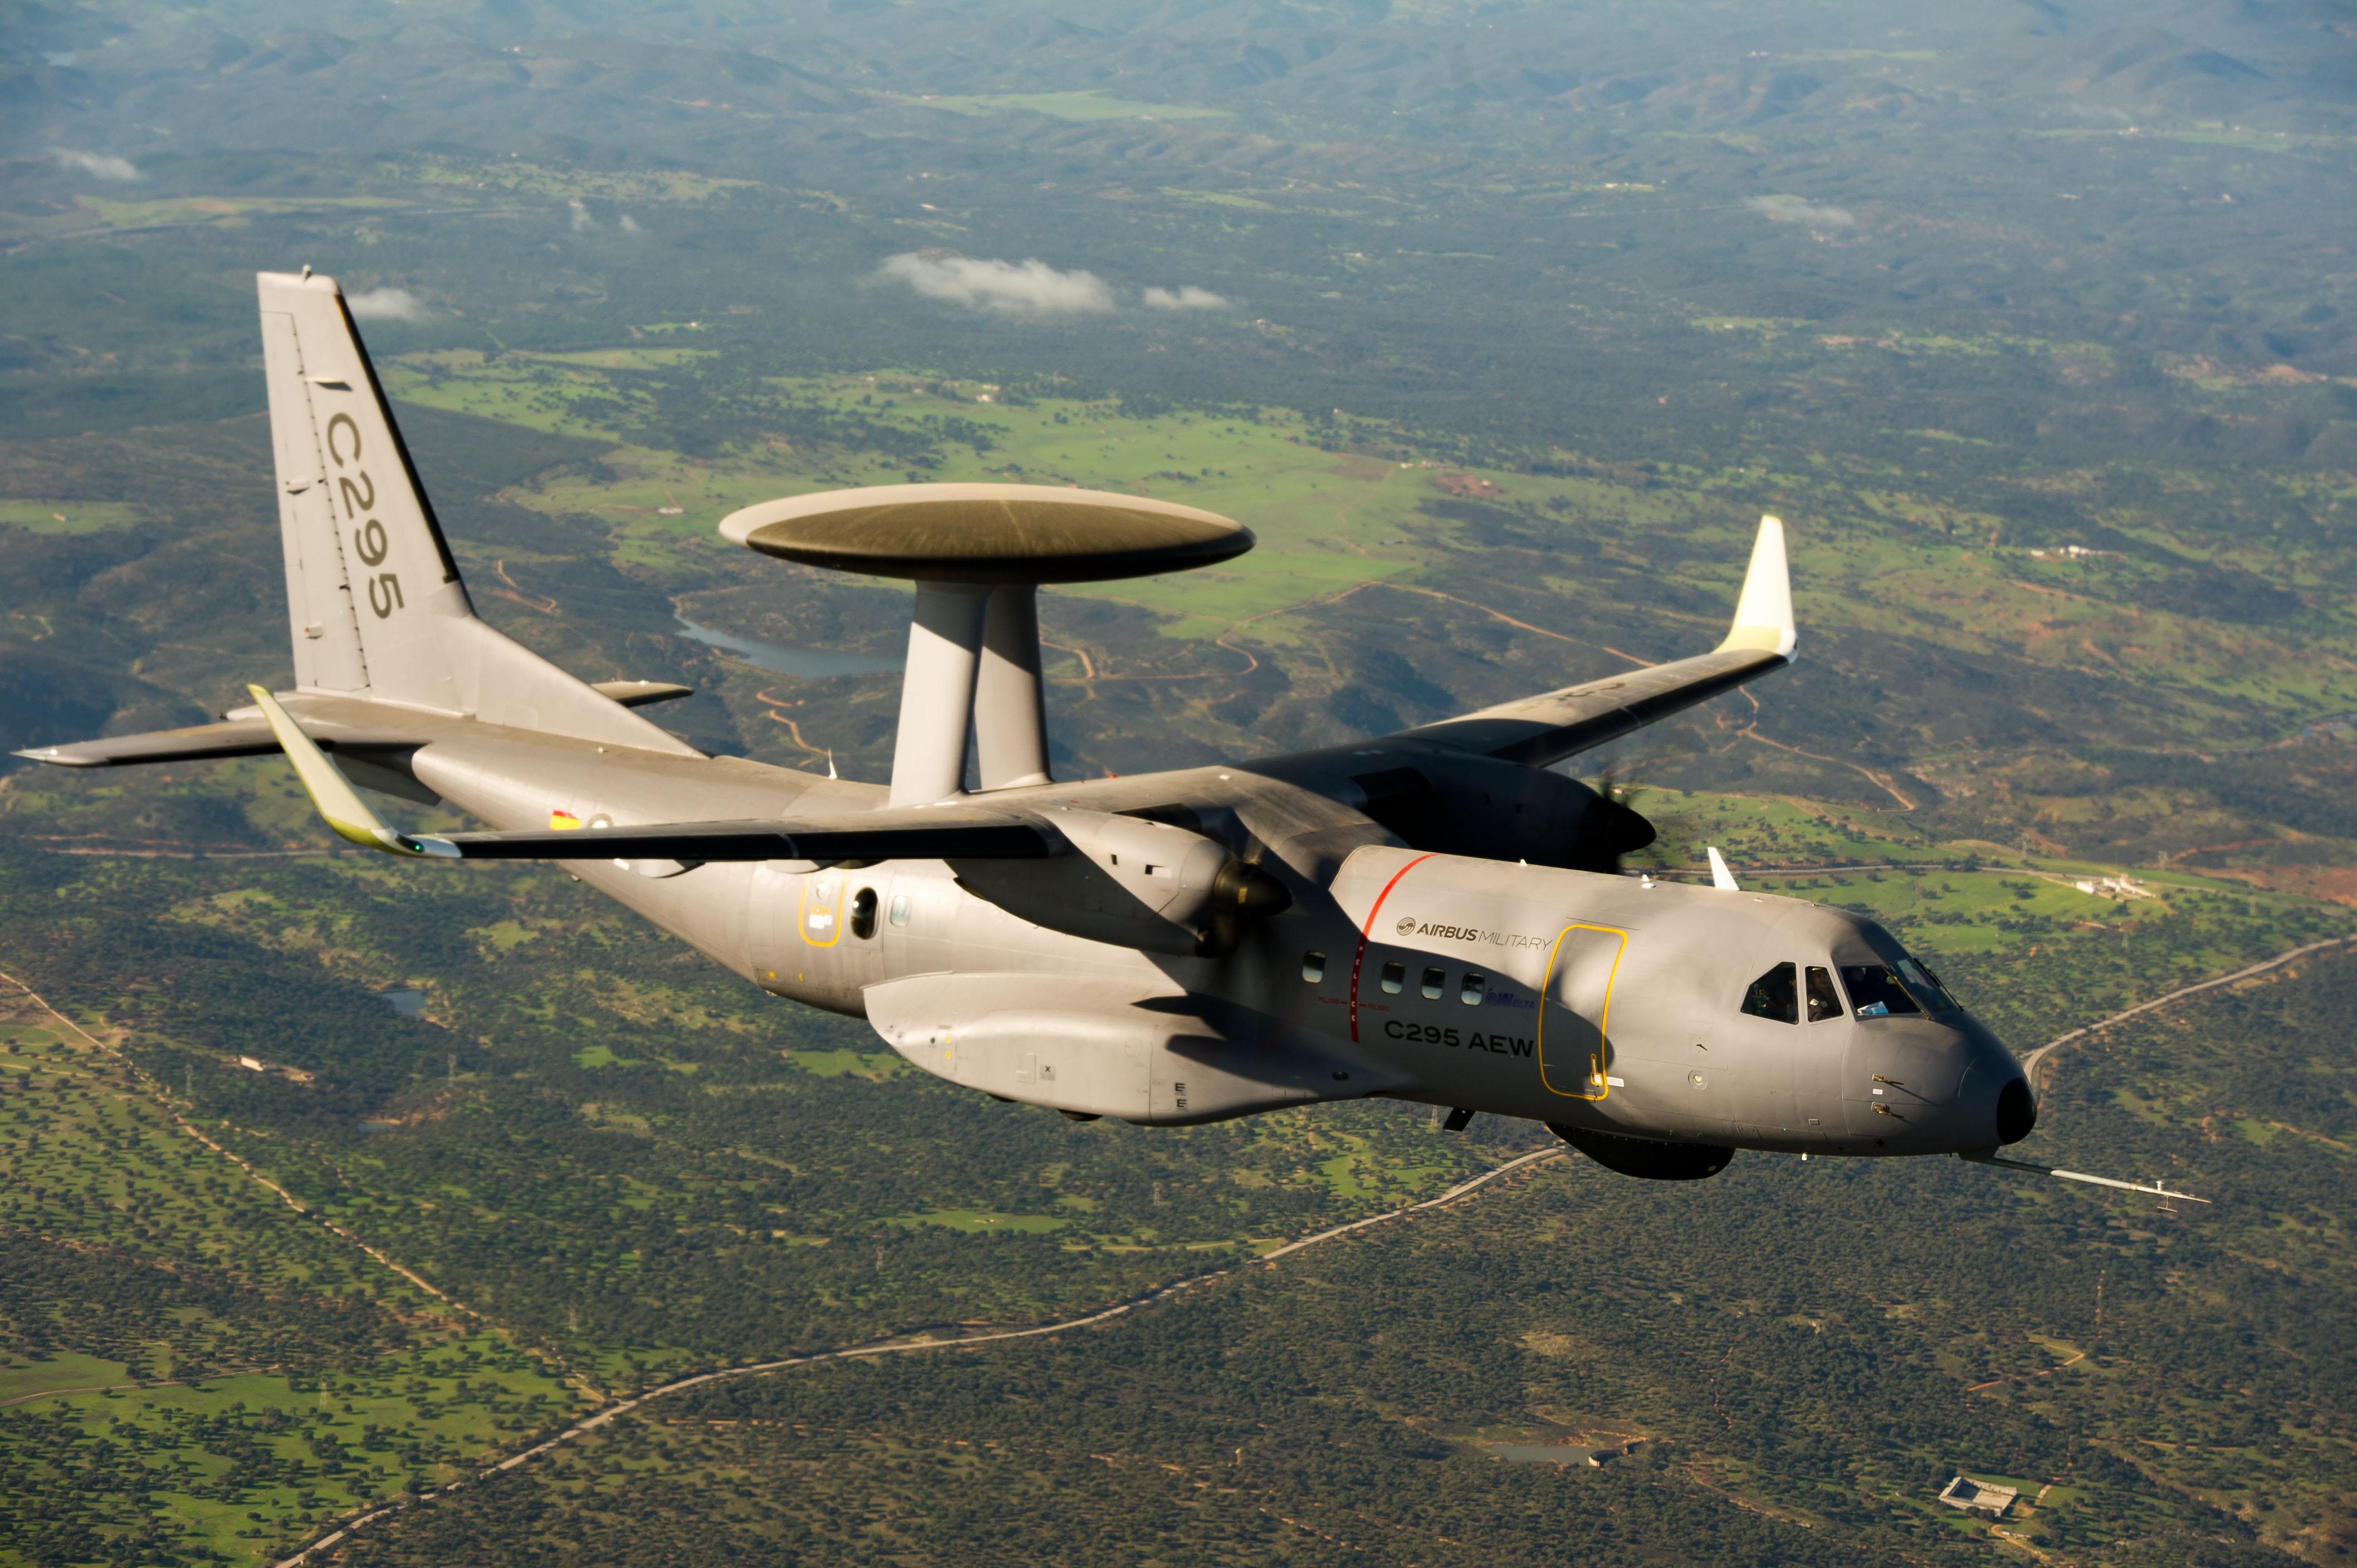 Airbus prueba C-295 AEW equipados con winglets